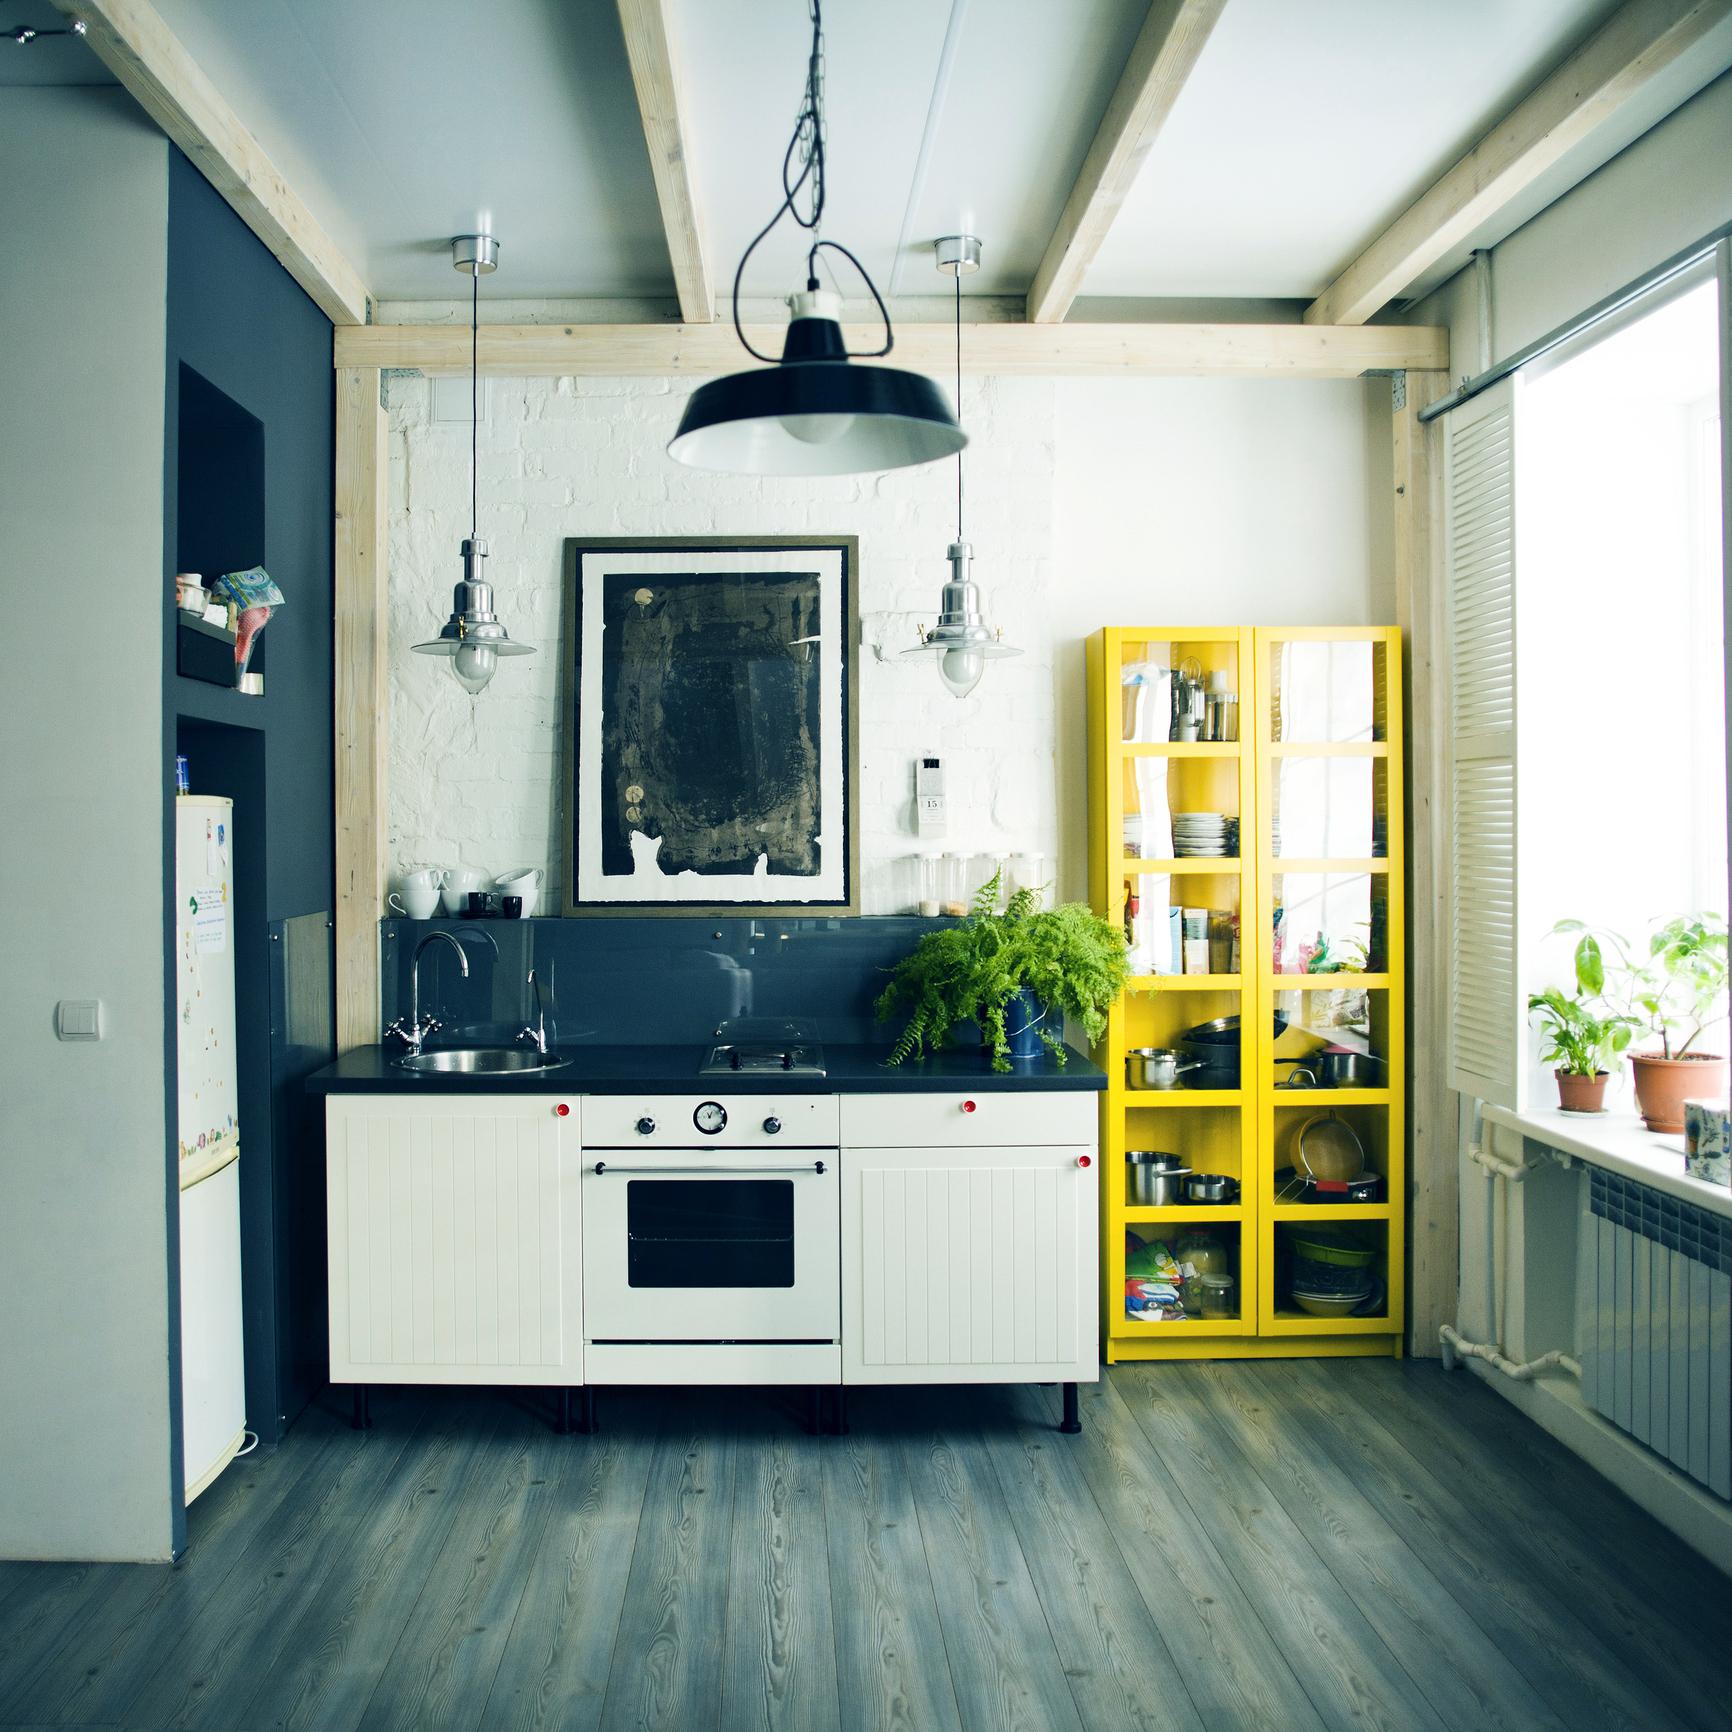 Pimp your kitchen: 5 modi per rinnovare una piccola cucina ...